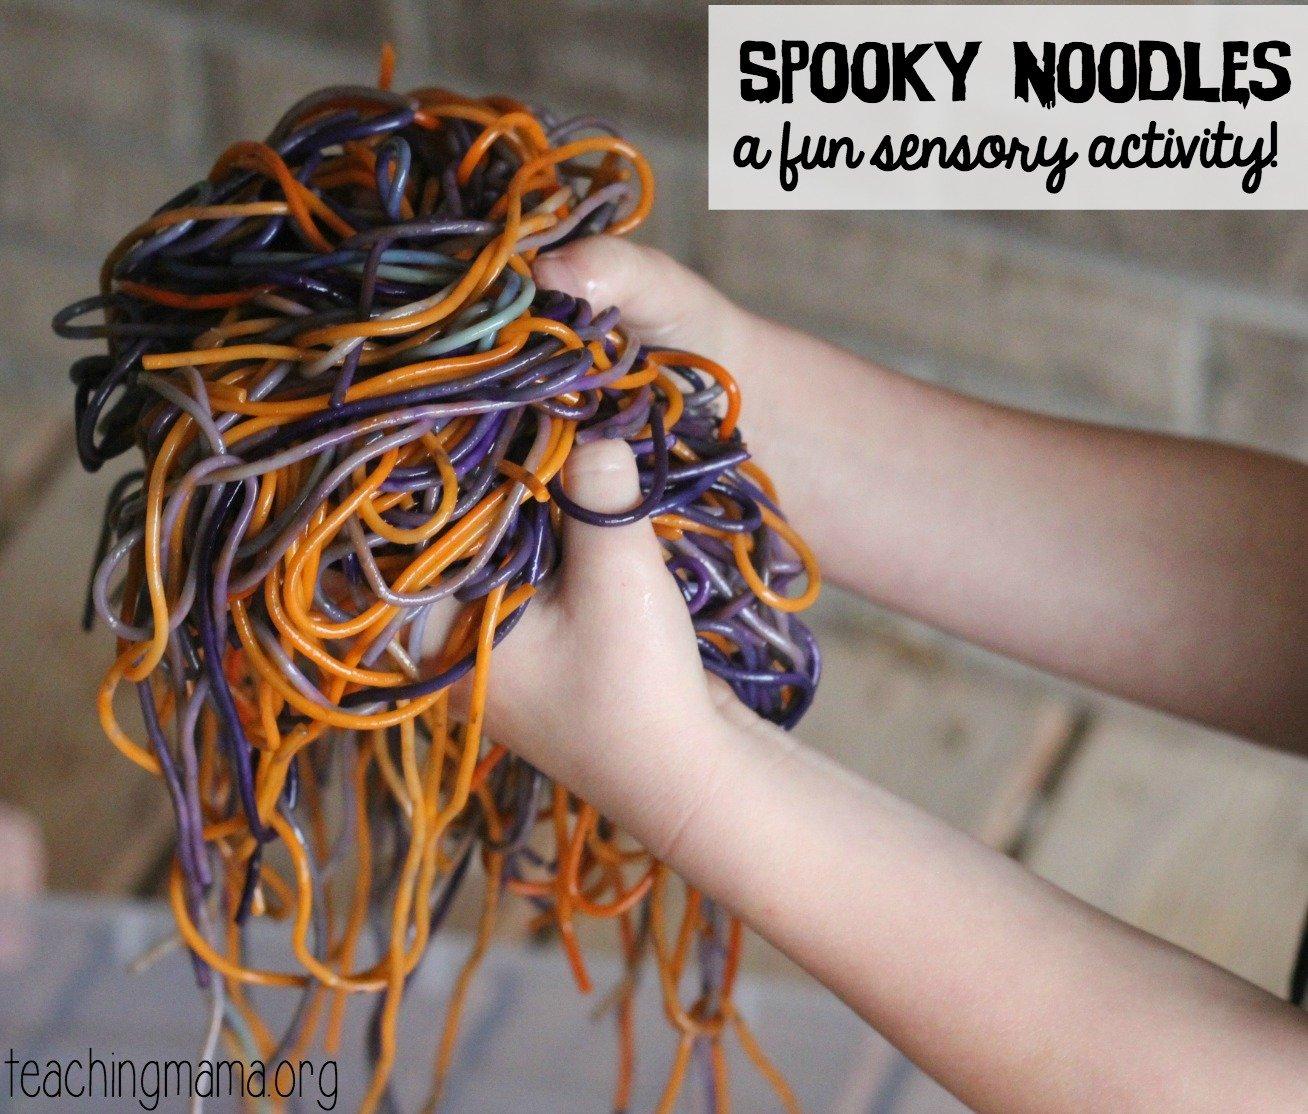 spooky noodles fb